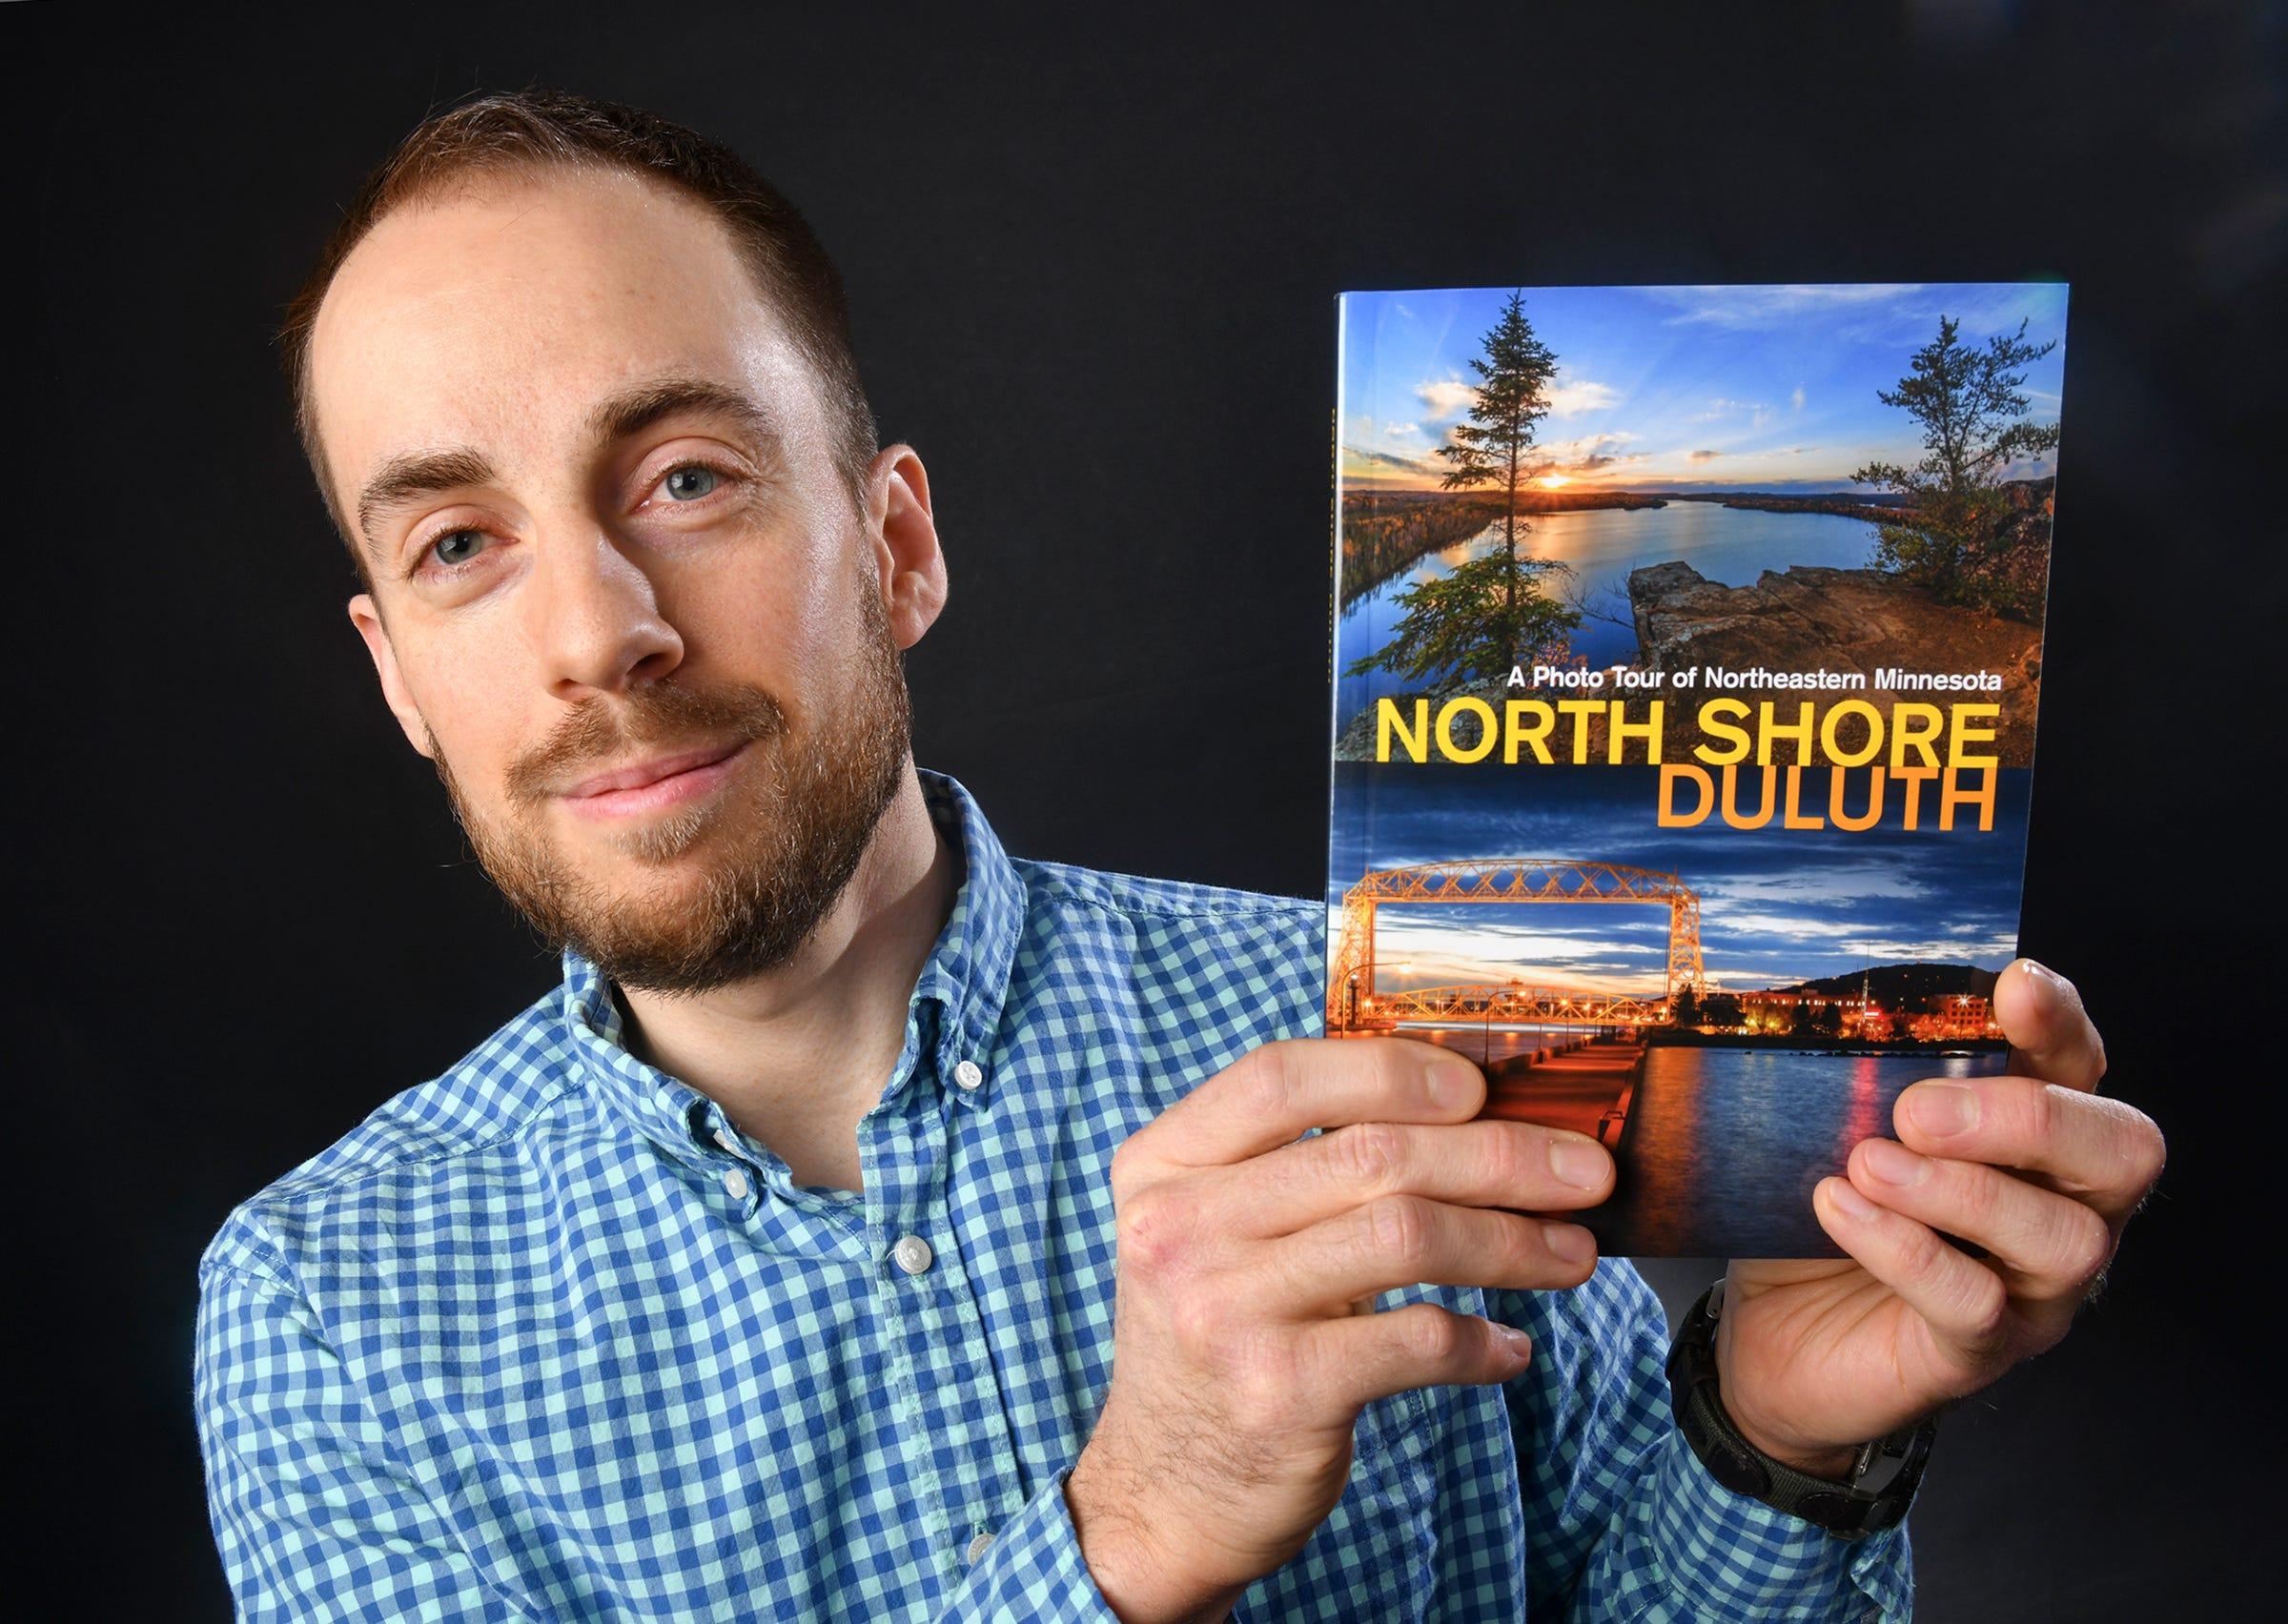 Sauk Rapids Photographer Shares North Shore Photos In Book